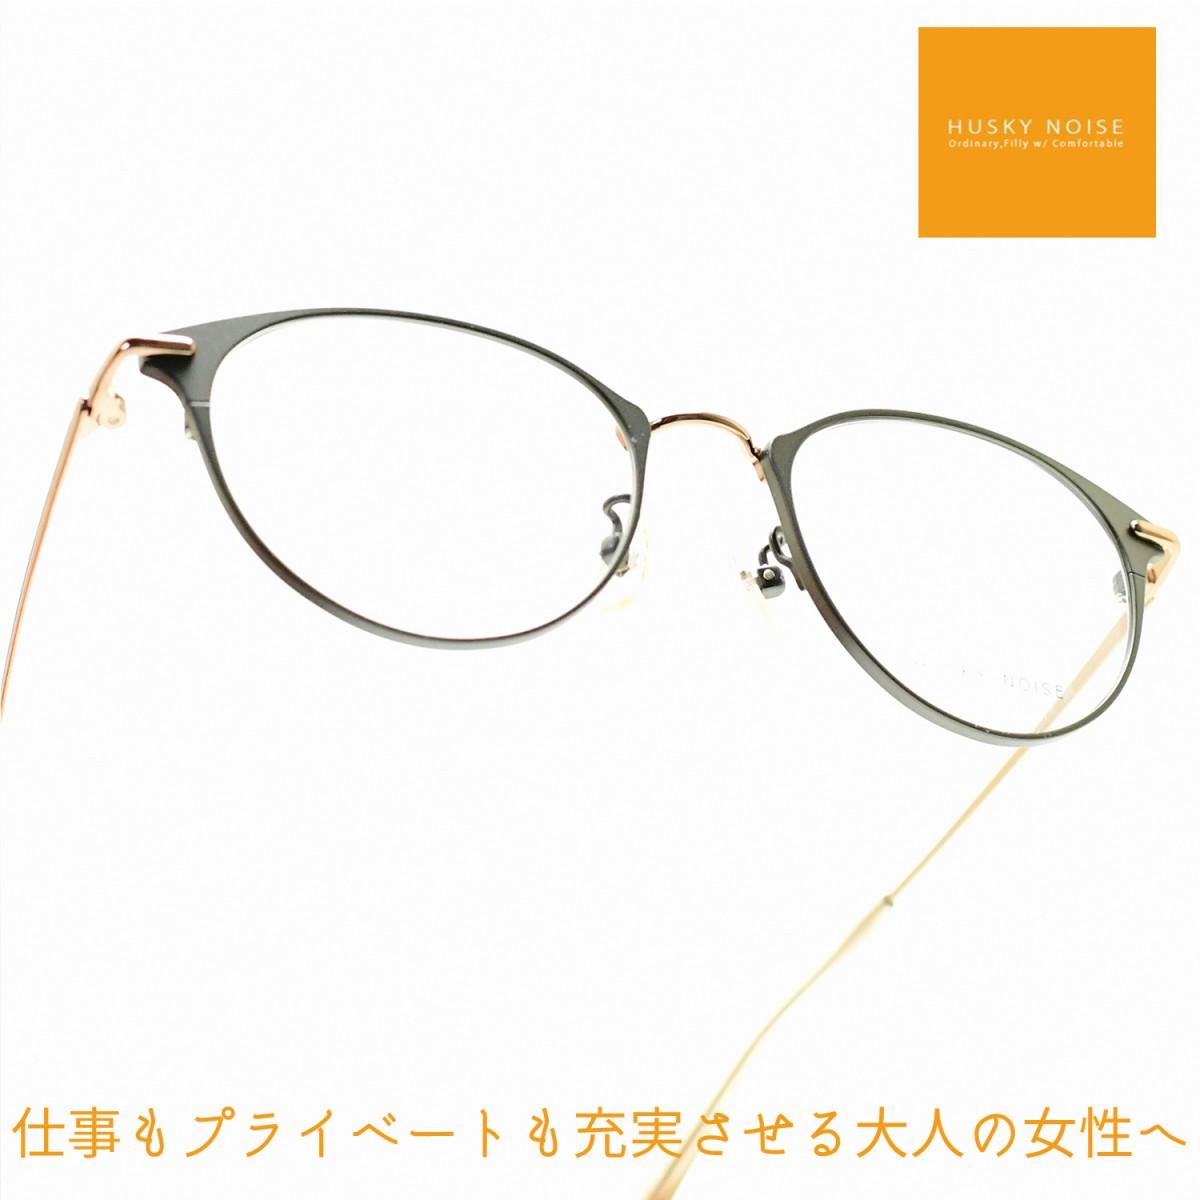 HUSKY NOISE ハスキーノイズH-176 col-1メガネ 眼鏡 めがね メンズ レディース おしゃれ ブランド 人気 おすすめ フレーム 流行り 度付き レンズ